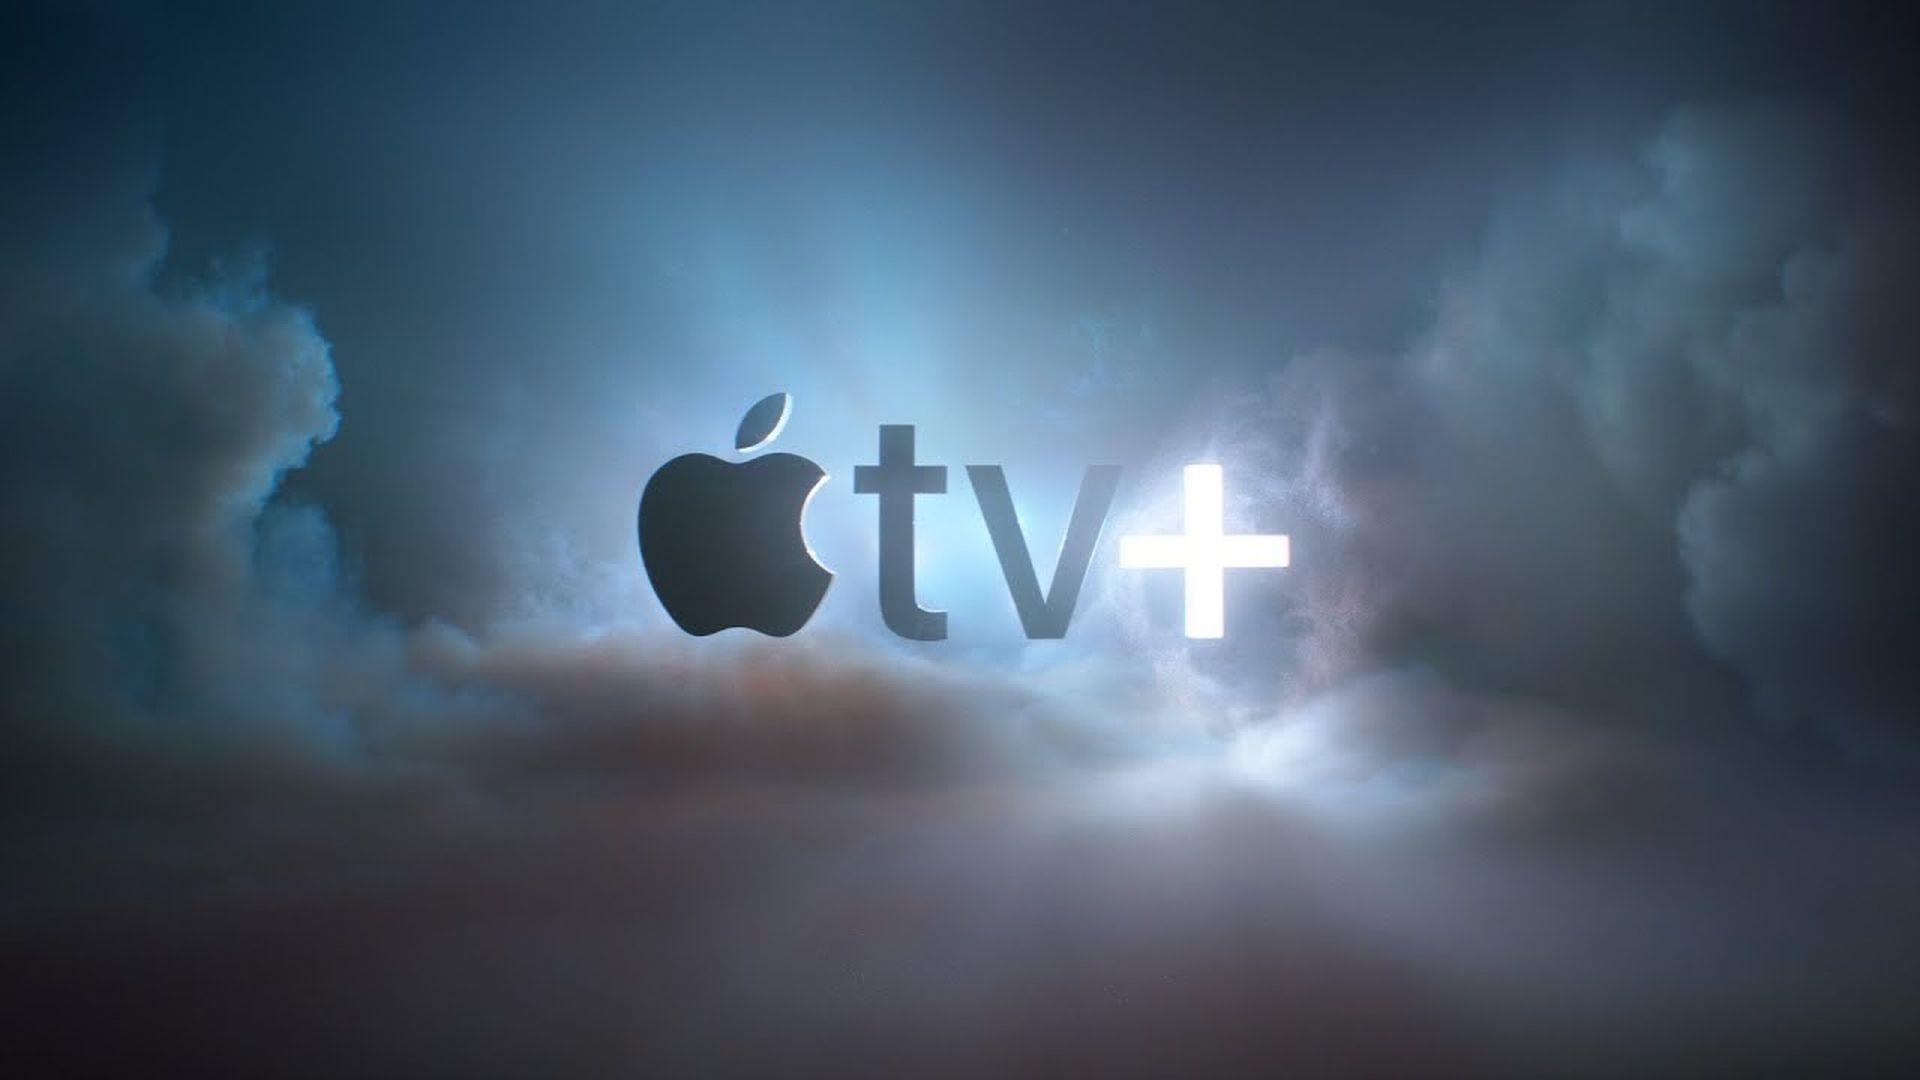 Apple TV+ posiada najwyższą jakość przesyłania strumieniowego 4K